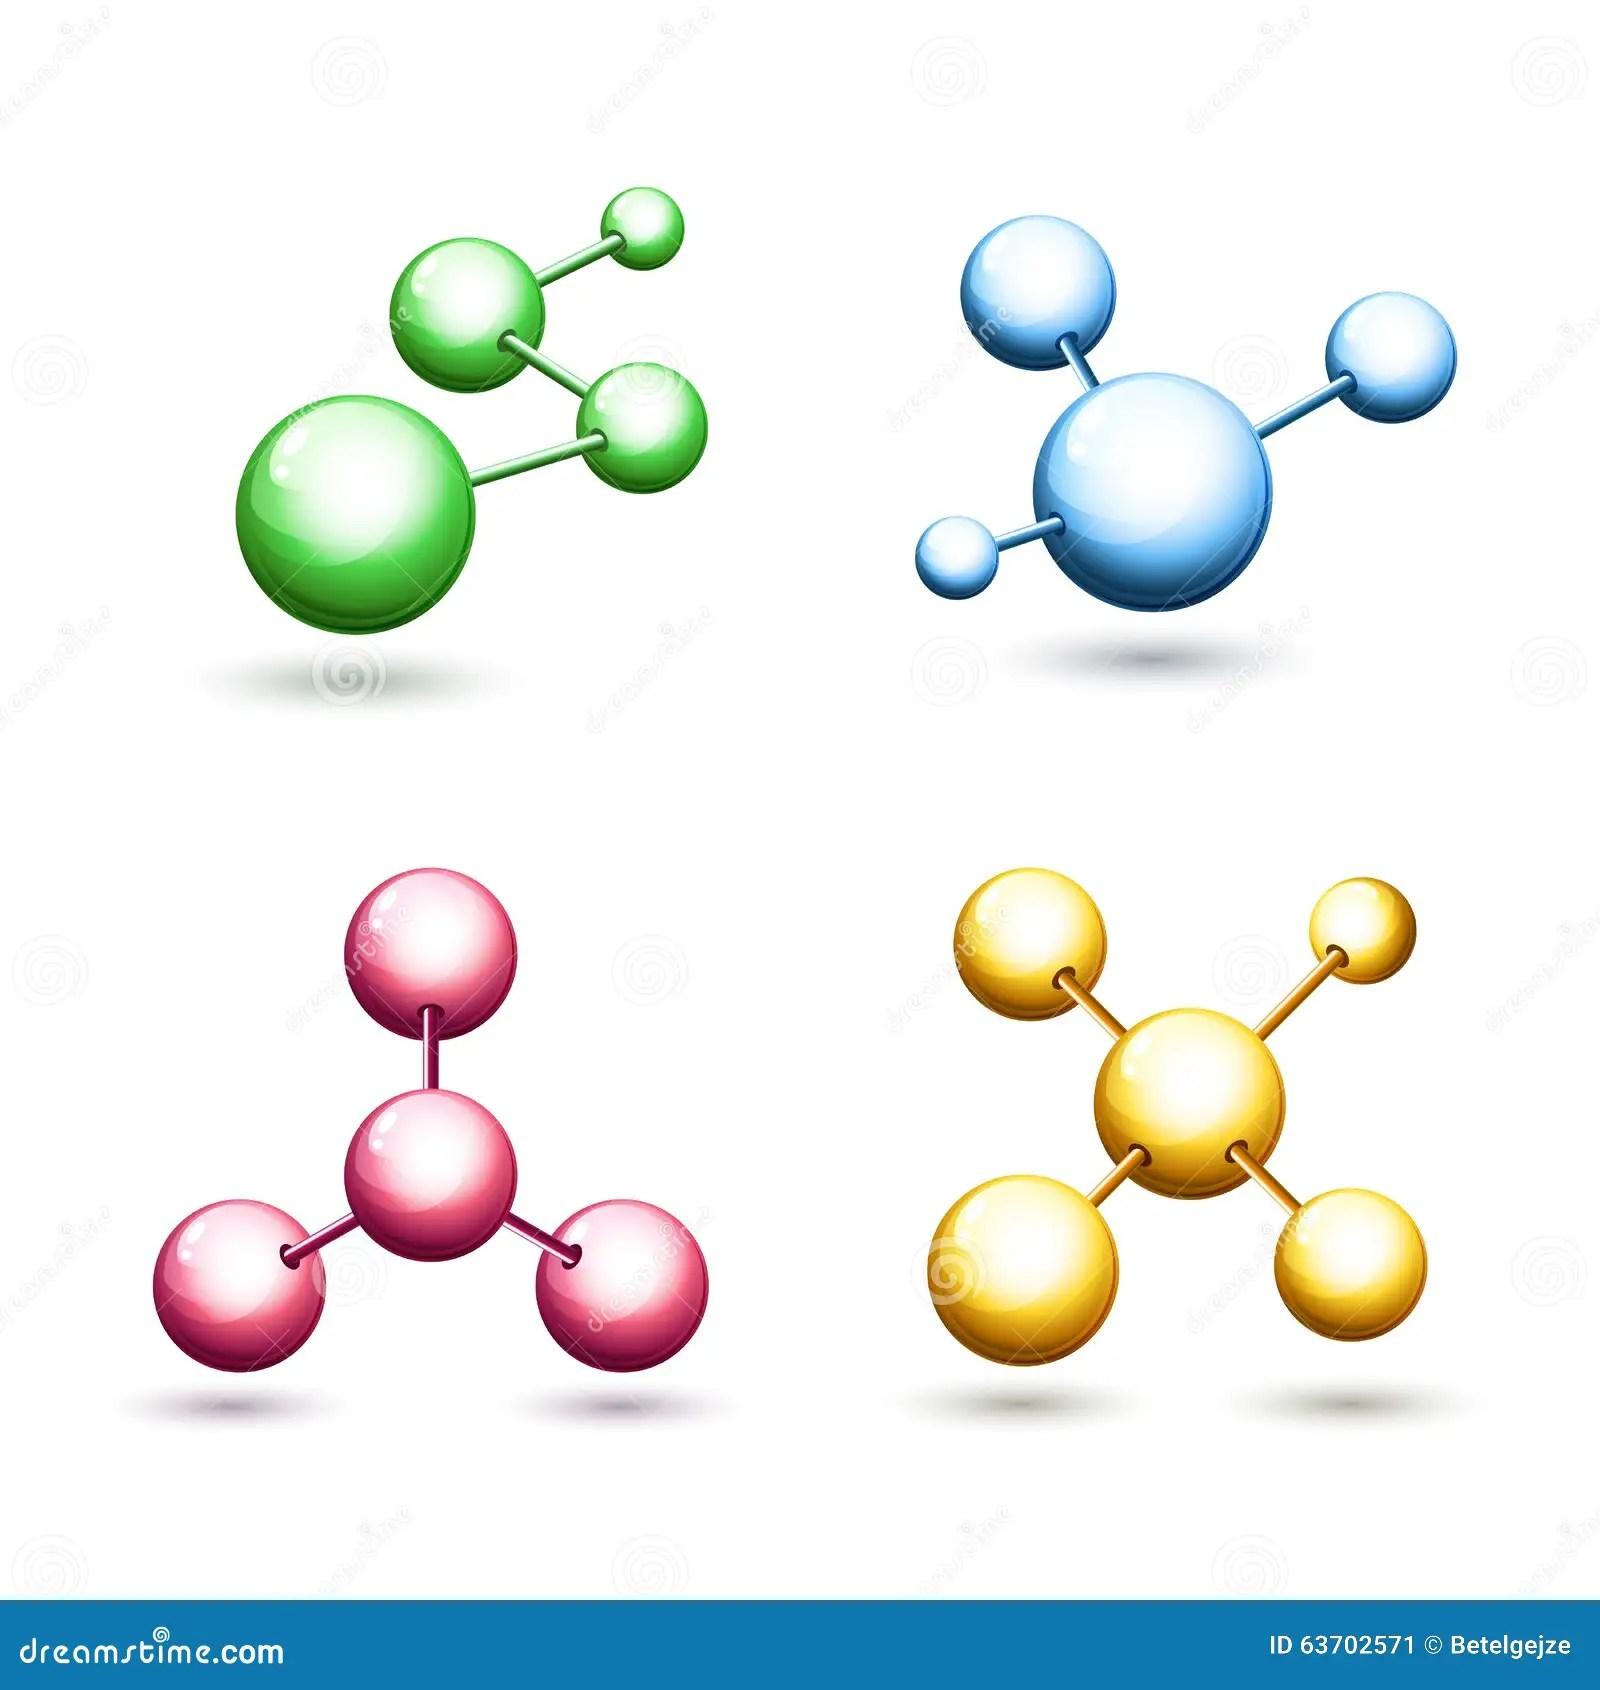 Icones Moleculaires Colorees De Vecteur Reglees Symbole D